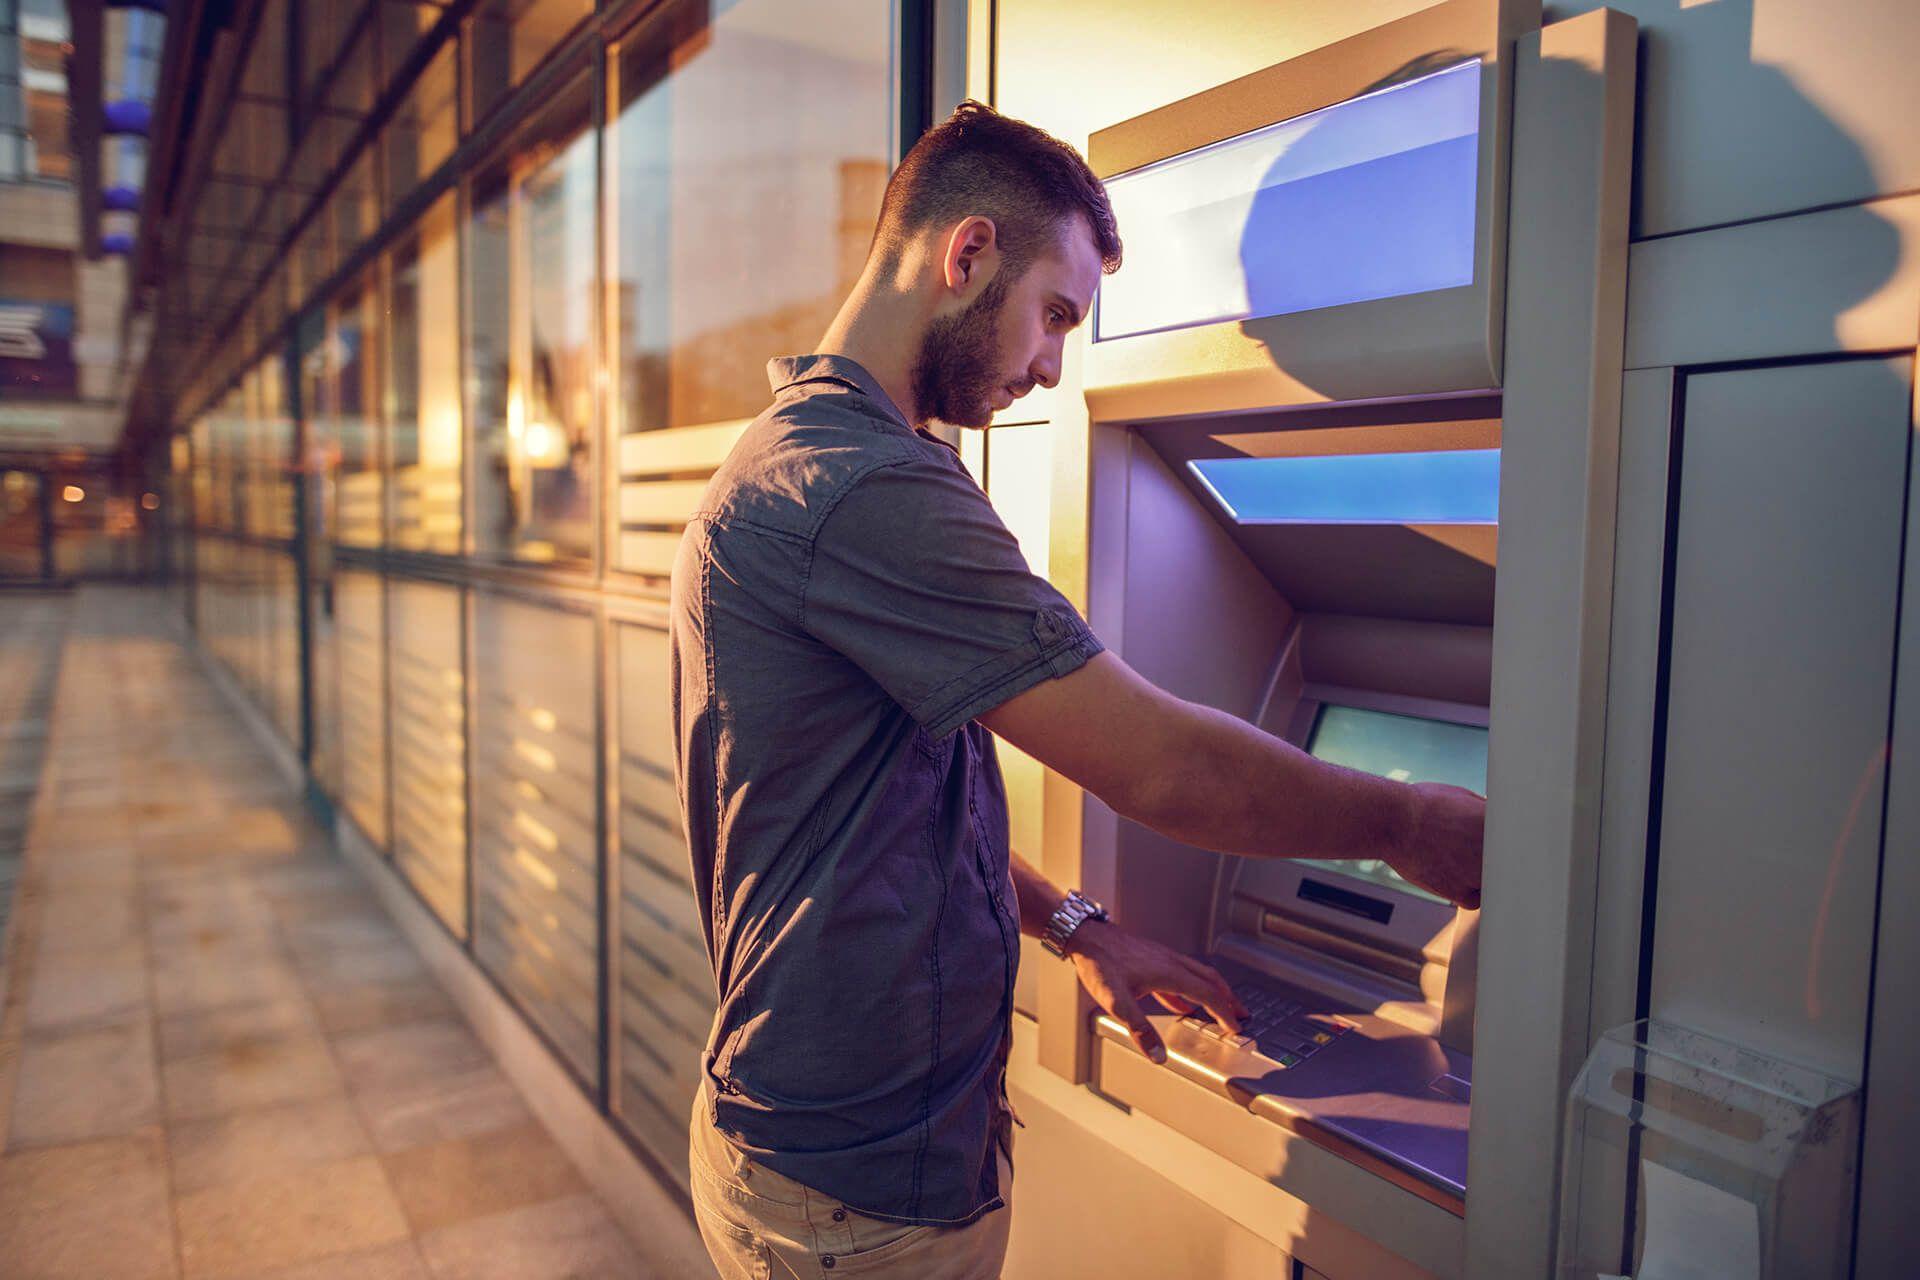 Pojednostavi svoj život. Promijeni PIN. PIN svoje Diners Club kartice sada možeš u nekoliko jednostavnih koraka i bez naknade promijeniti na svakom bankomatu Erste banke.